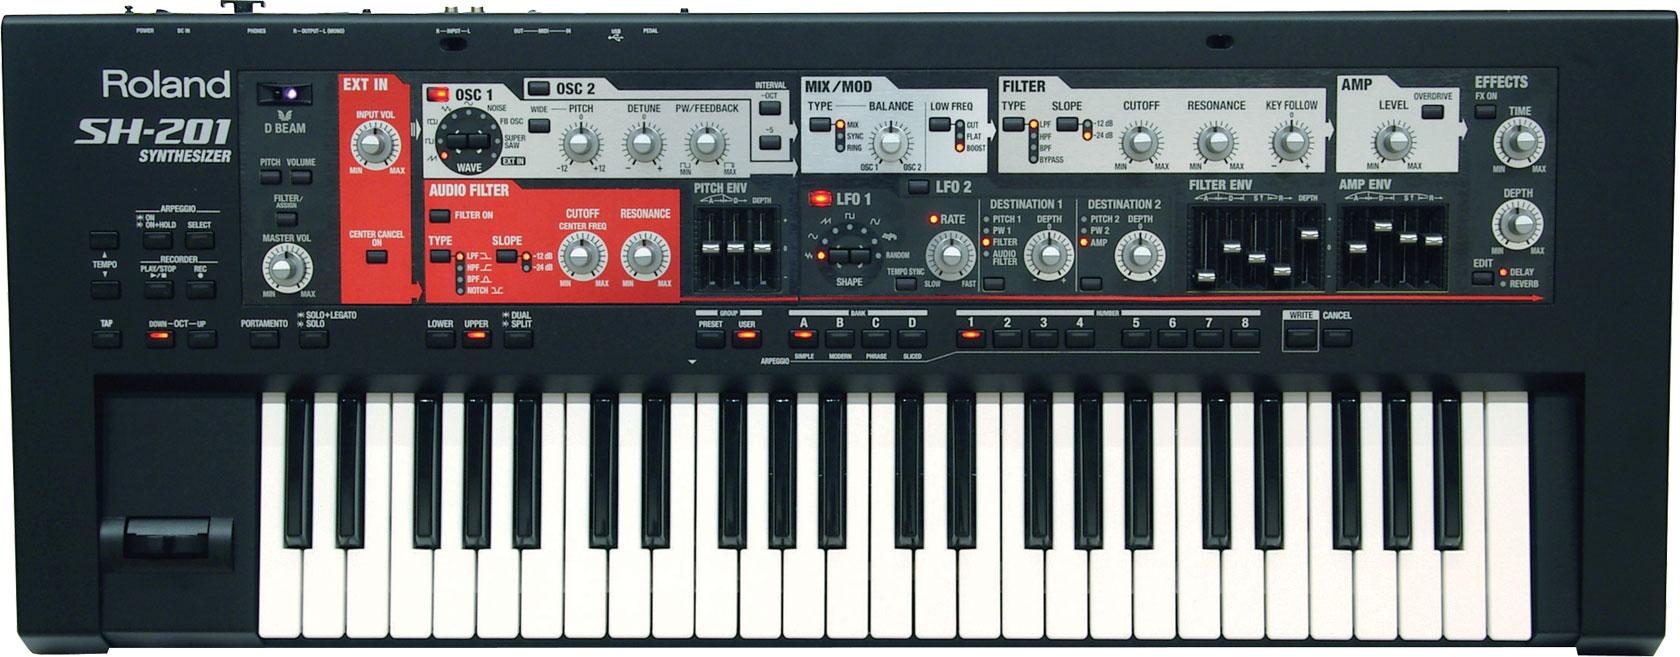 sh-201 Roland Synthesizer